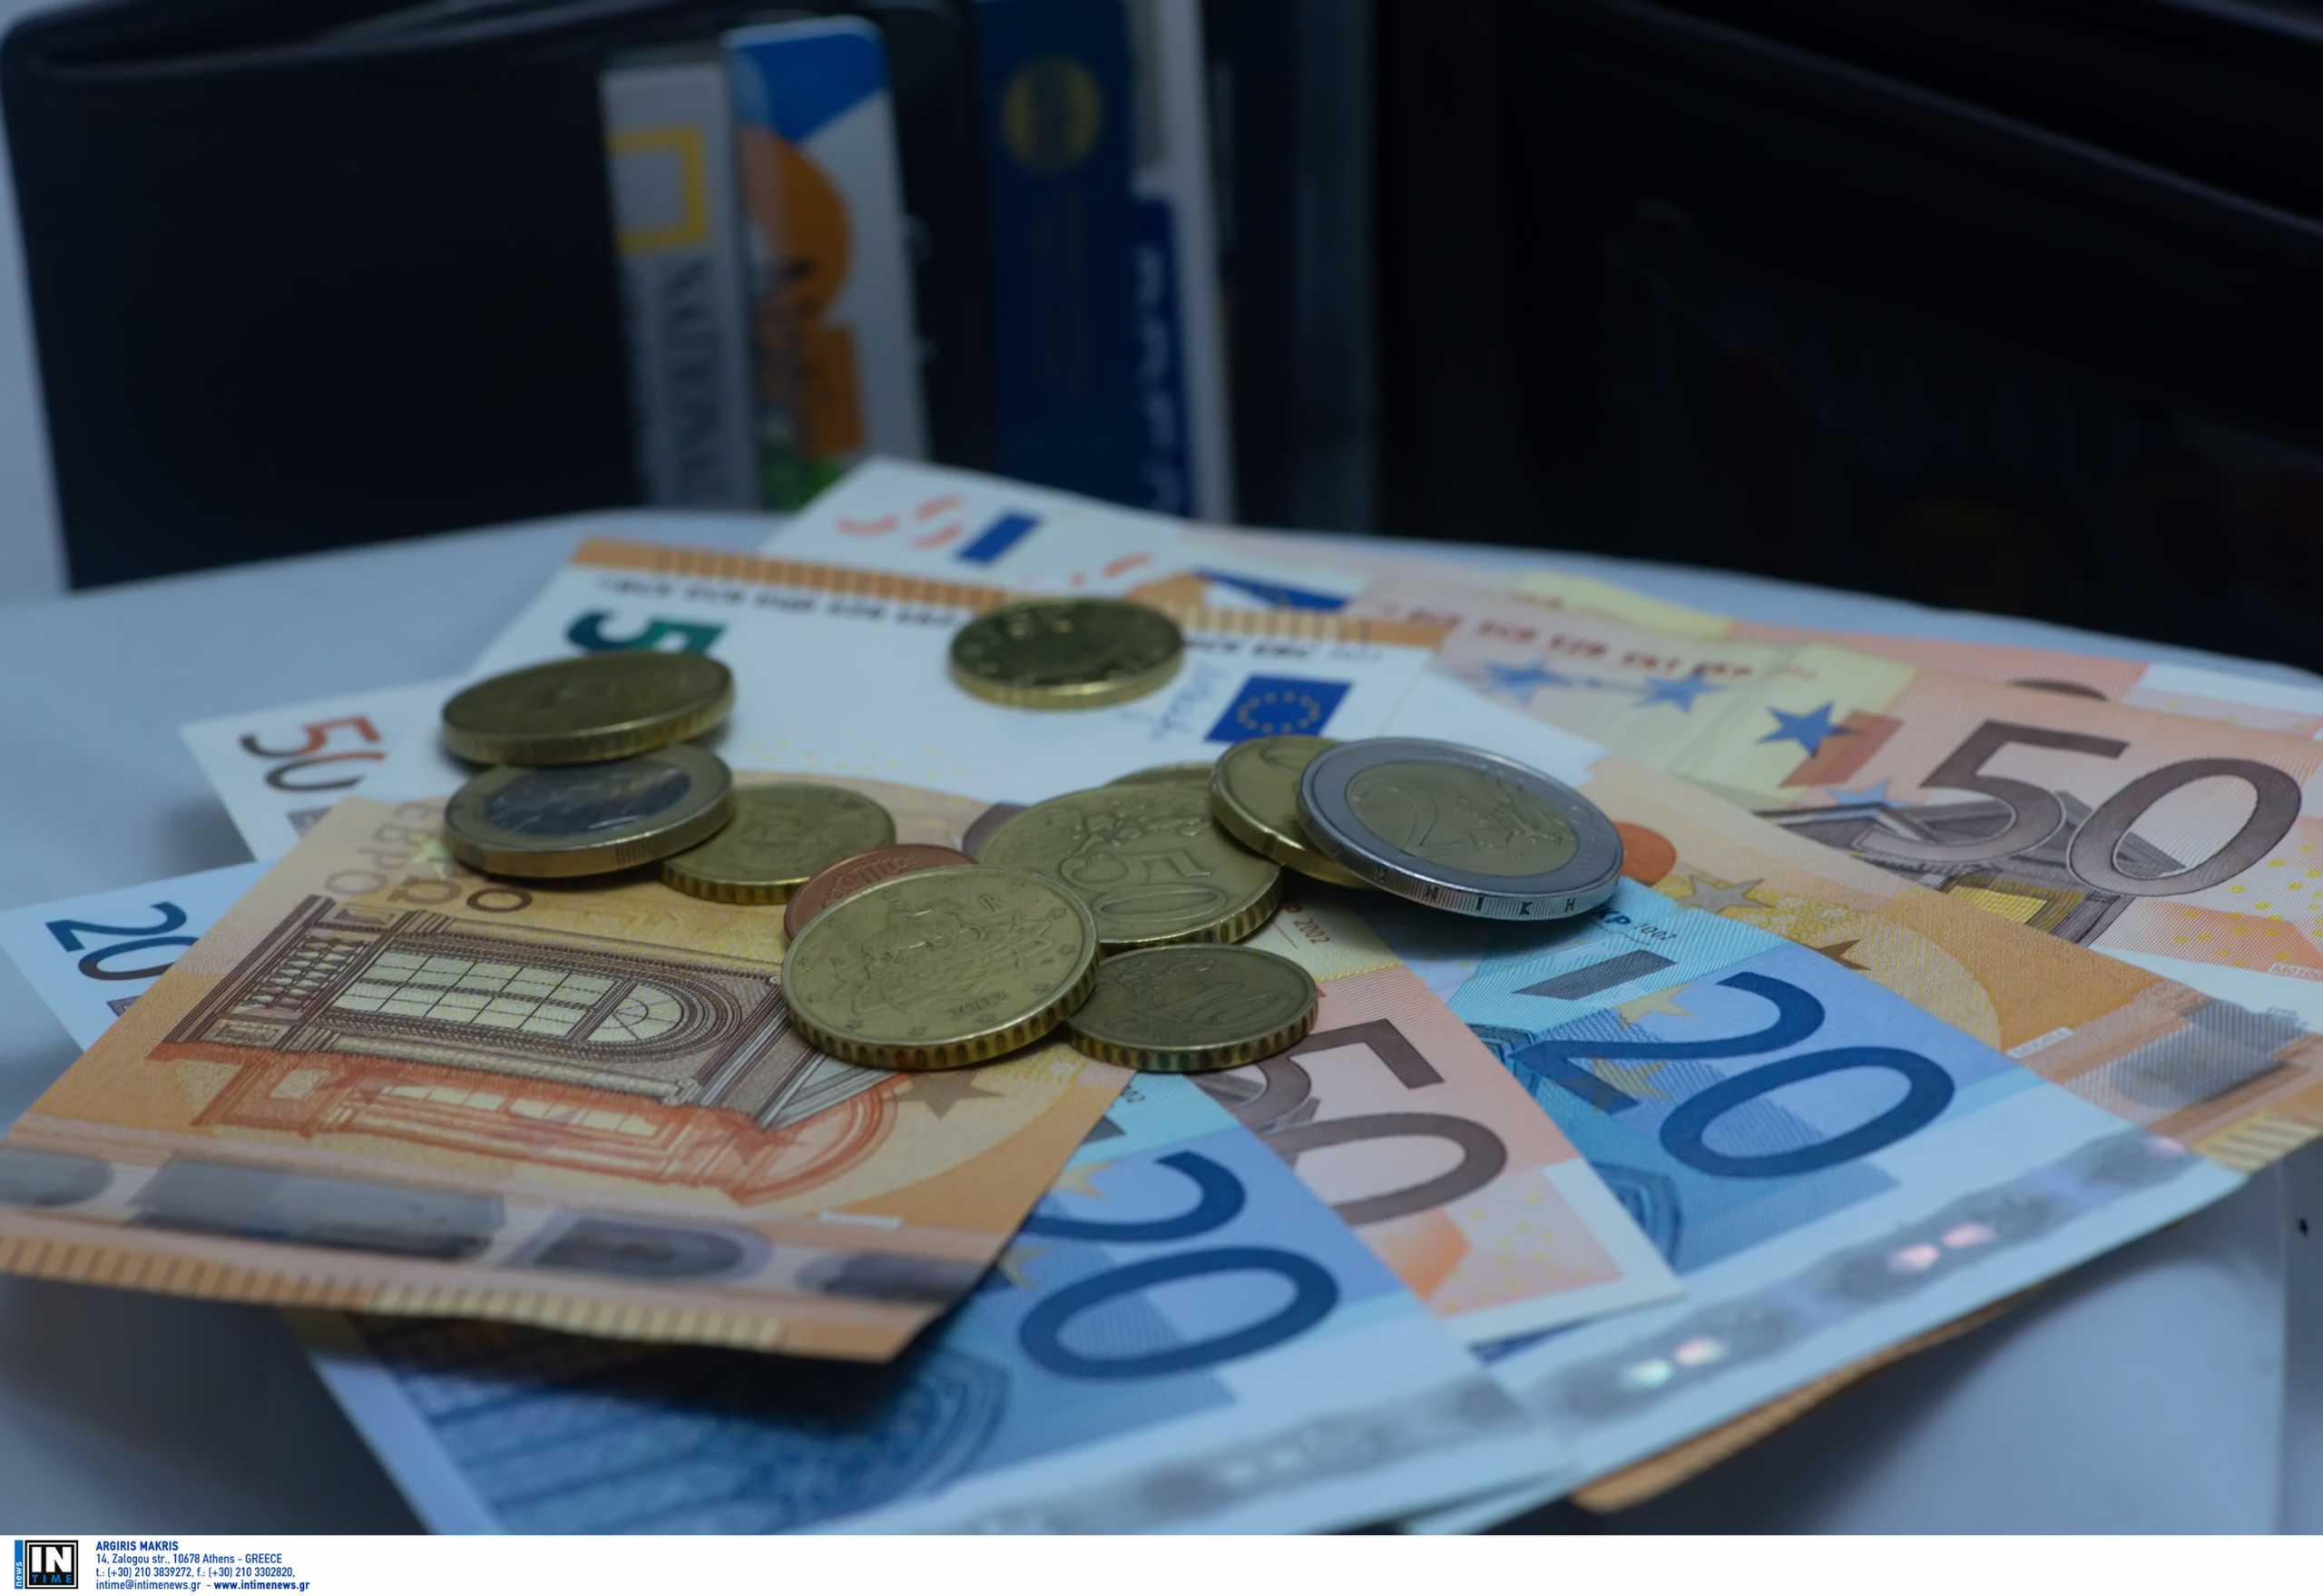 ΕΔΑ Αττικής: Επιδότηση για εγκατάσταση θέρμανσης φυσικού αερίου – Τα ποσά